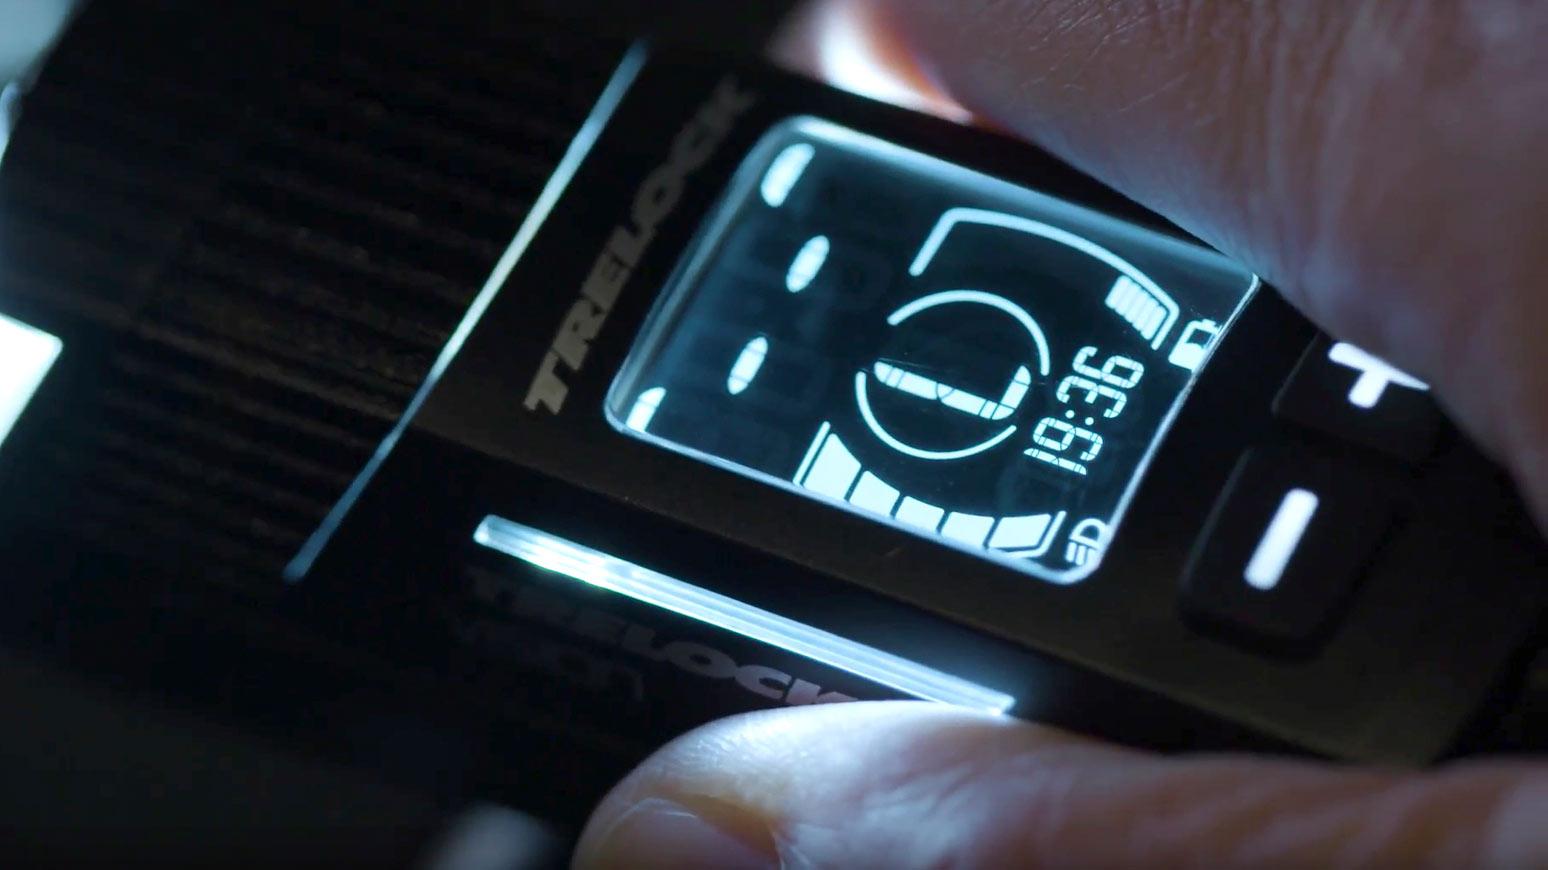 Das Displays der Frontleuchte Trelock LS760 I-GO VISION